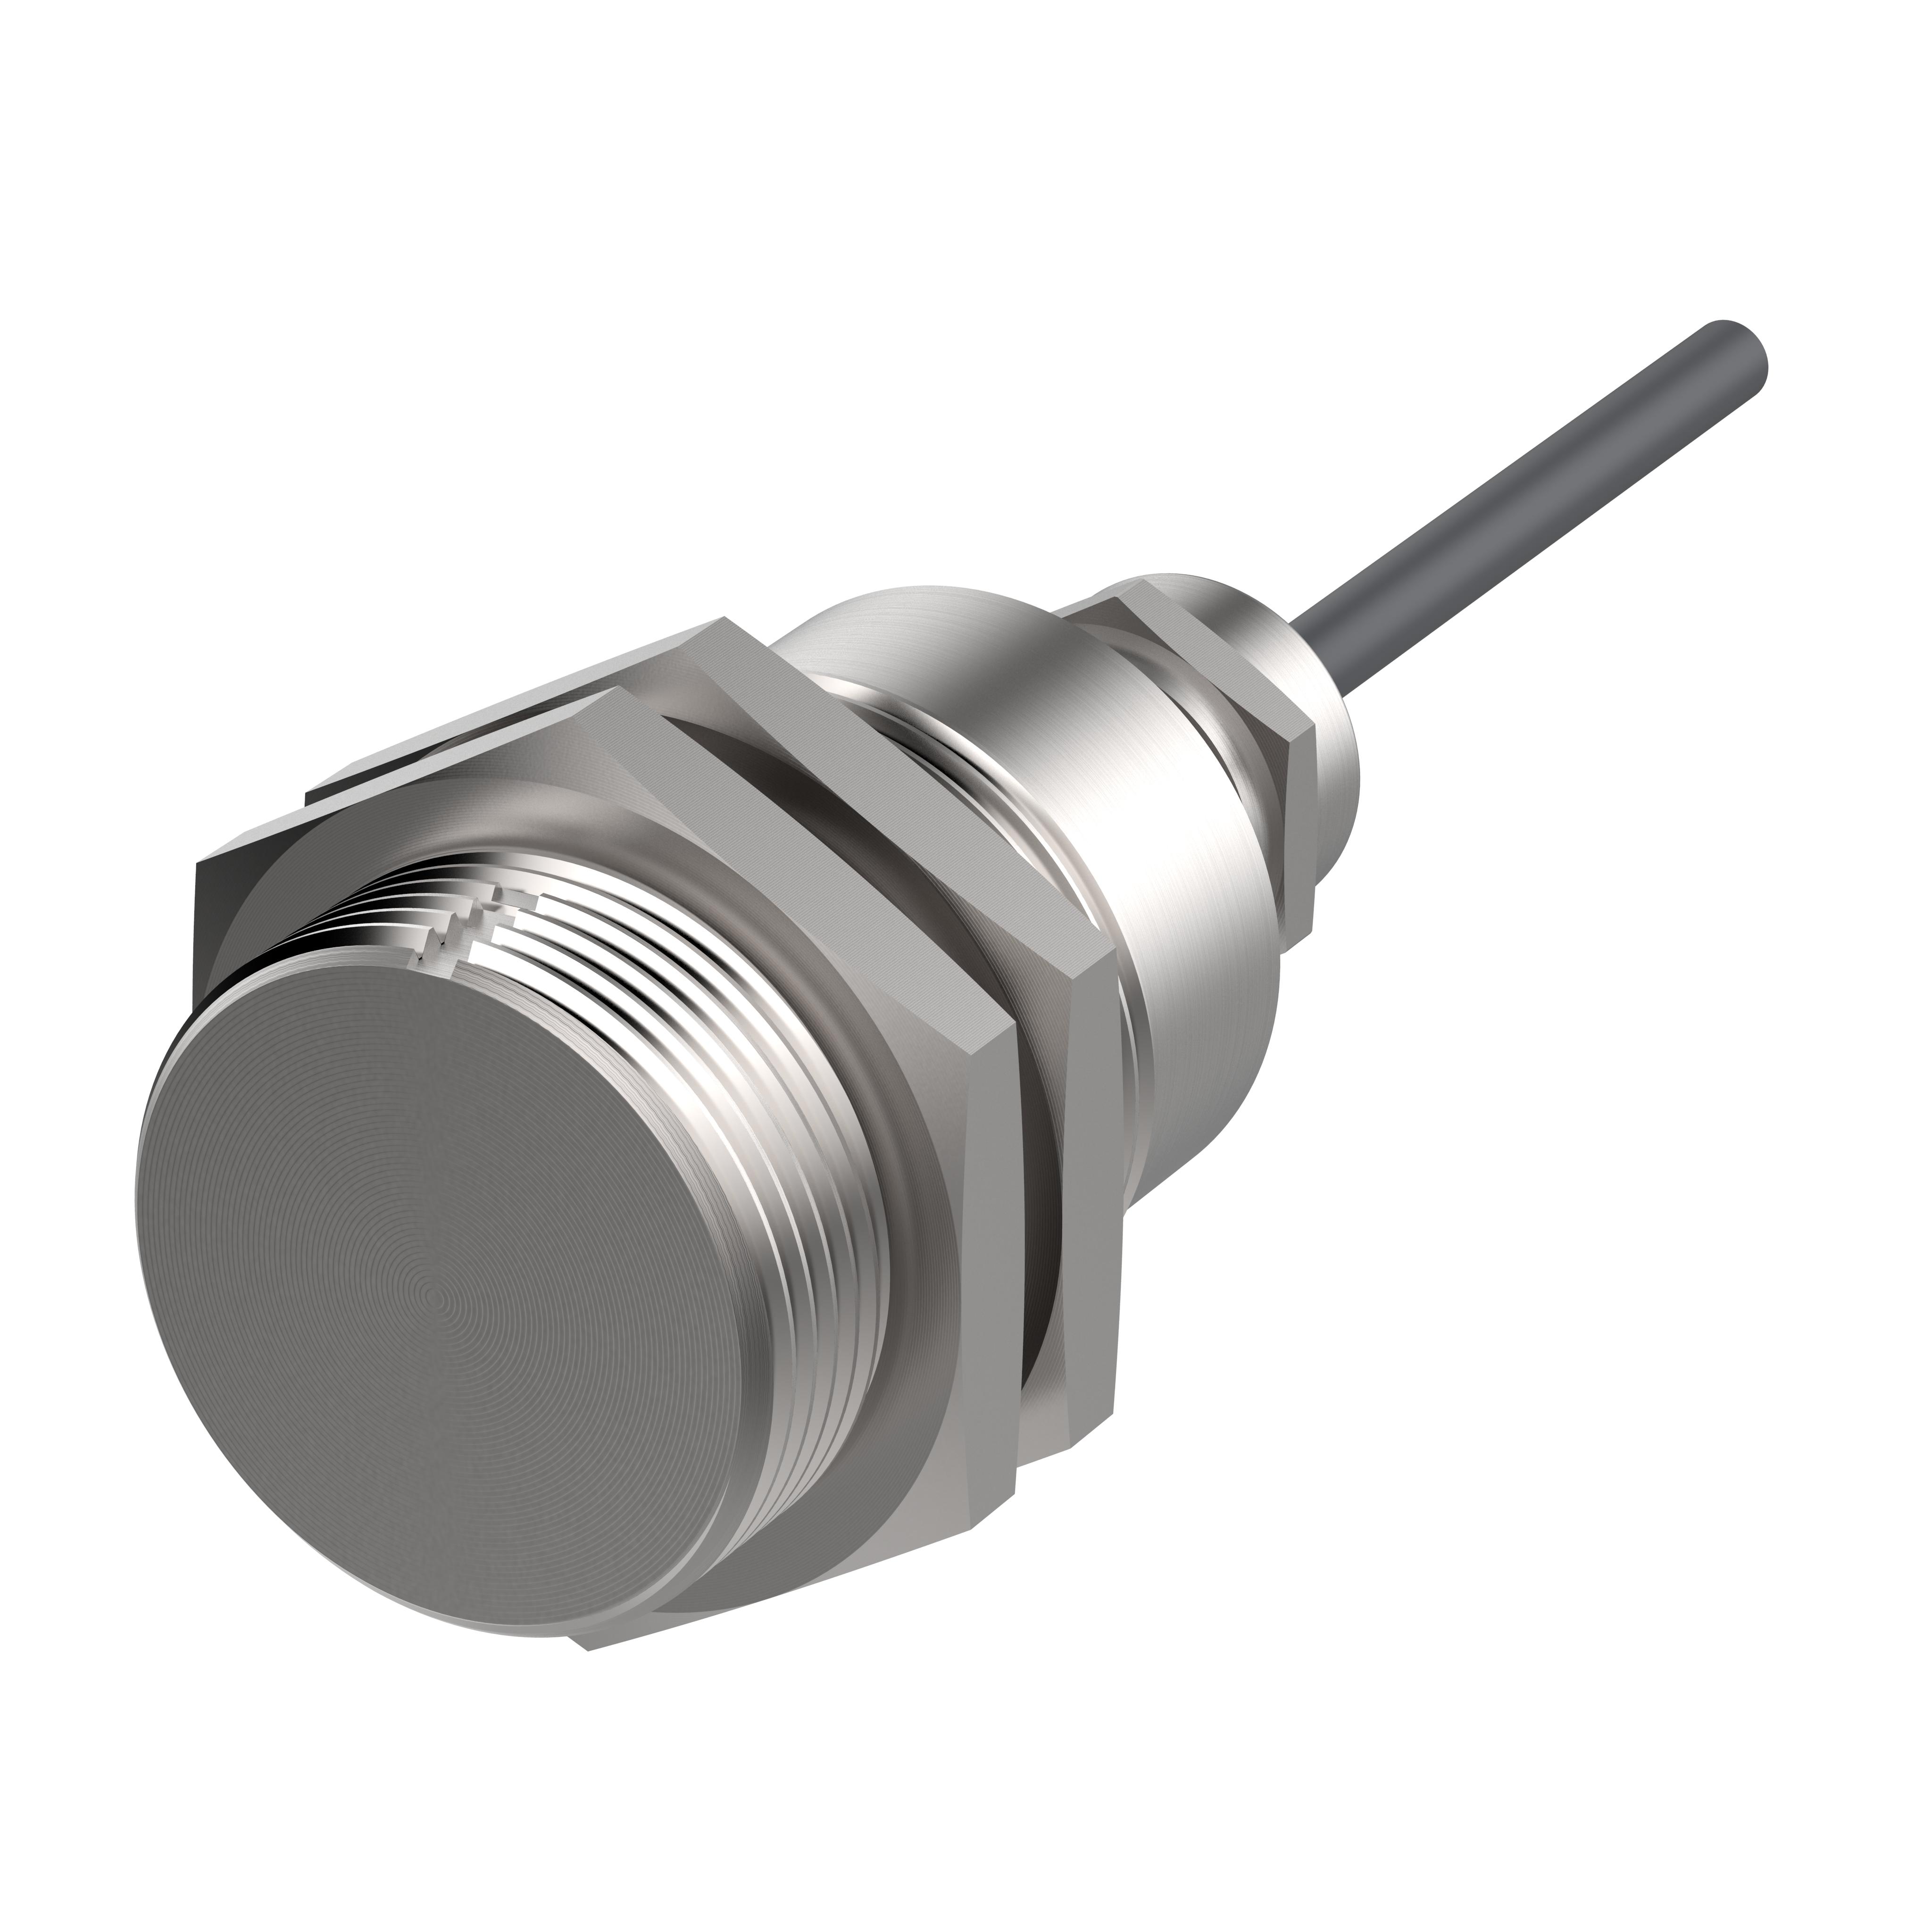 Sicherheitssensor - 171271W-10 - magnetisch betätigt - Schließer/Öffner, 10m Kabel